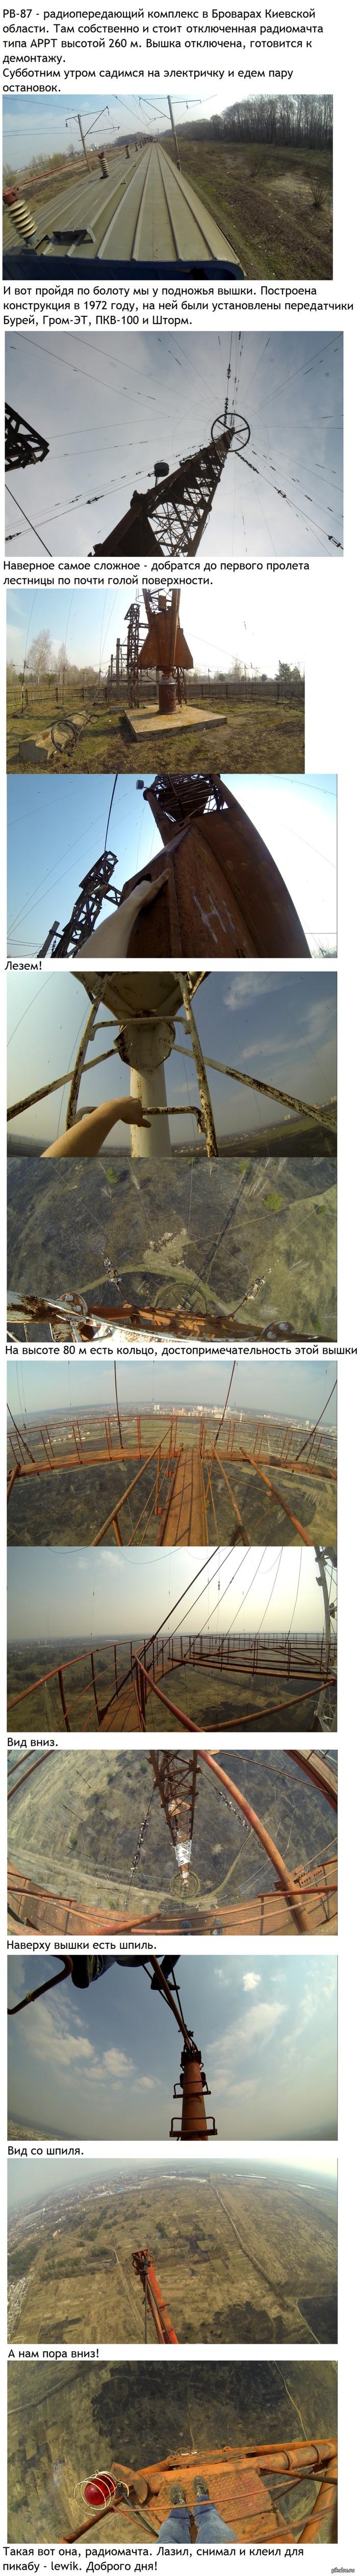 260-метровая вышка Делюсь радостями))За качество фотографий извиняюсь - скрины видео с гоупро.